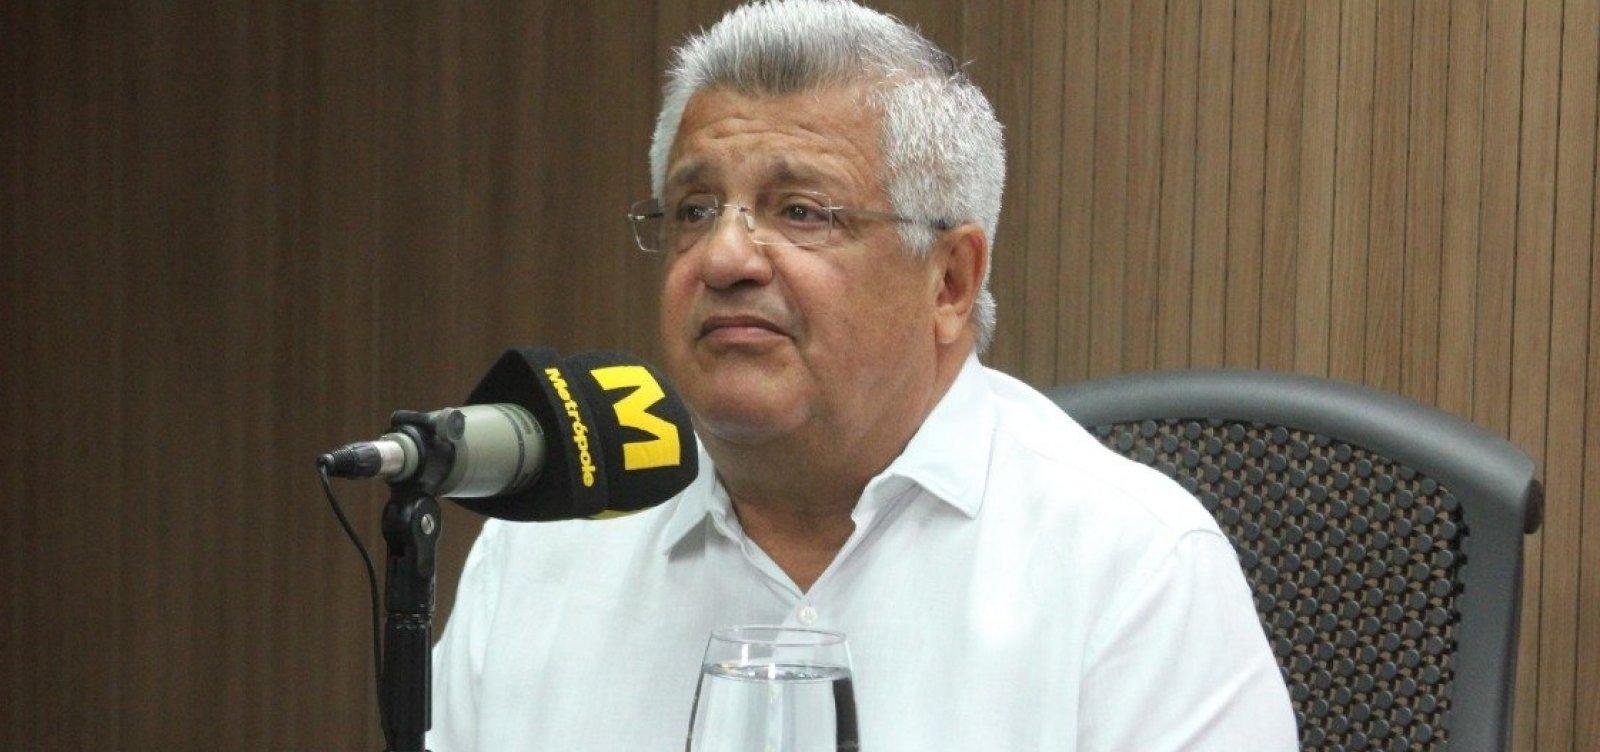 [Bacelar elogia Neto, fala de candidatura à prefeitura de Salvador e espera espaço em governo Rui]